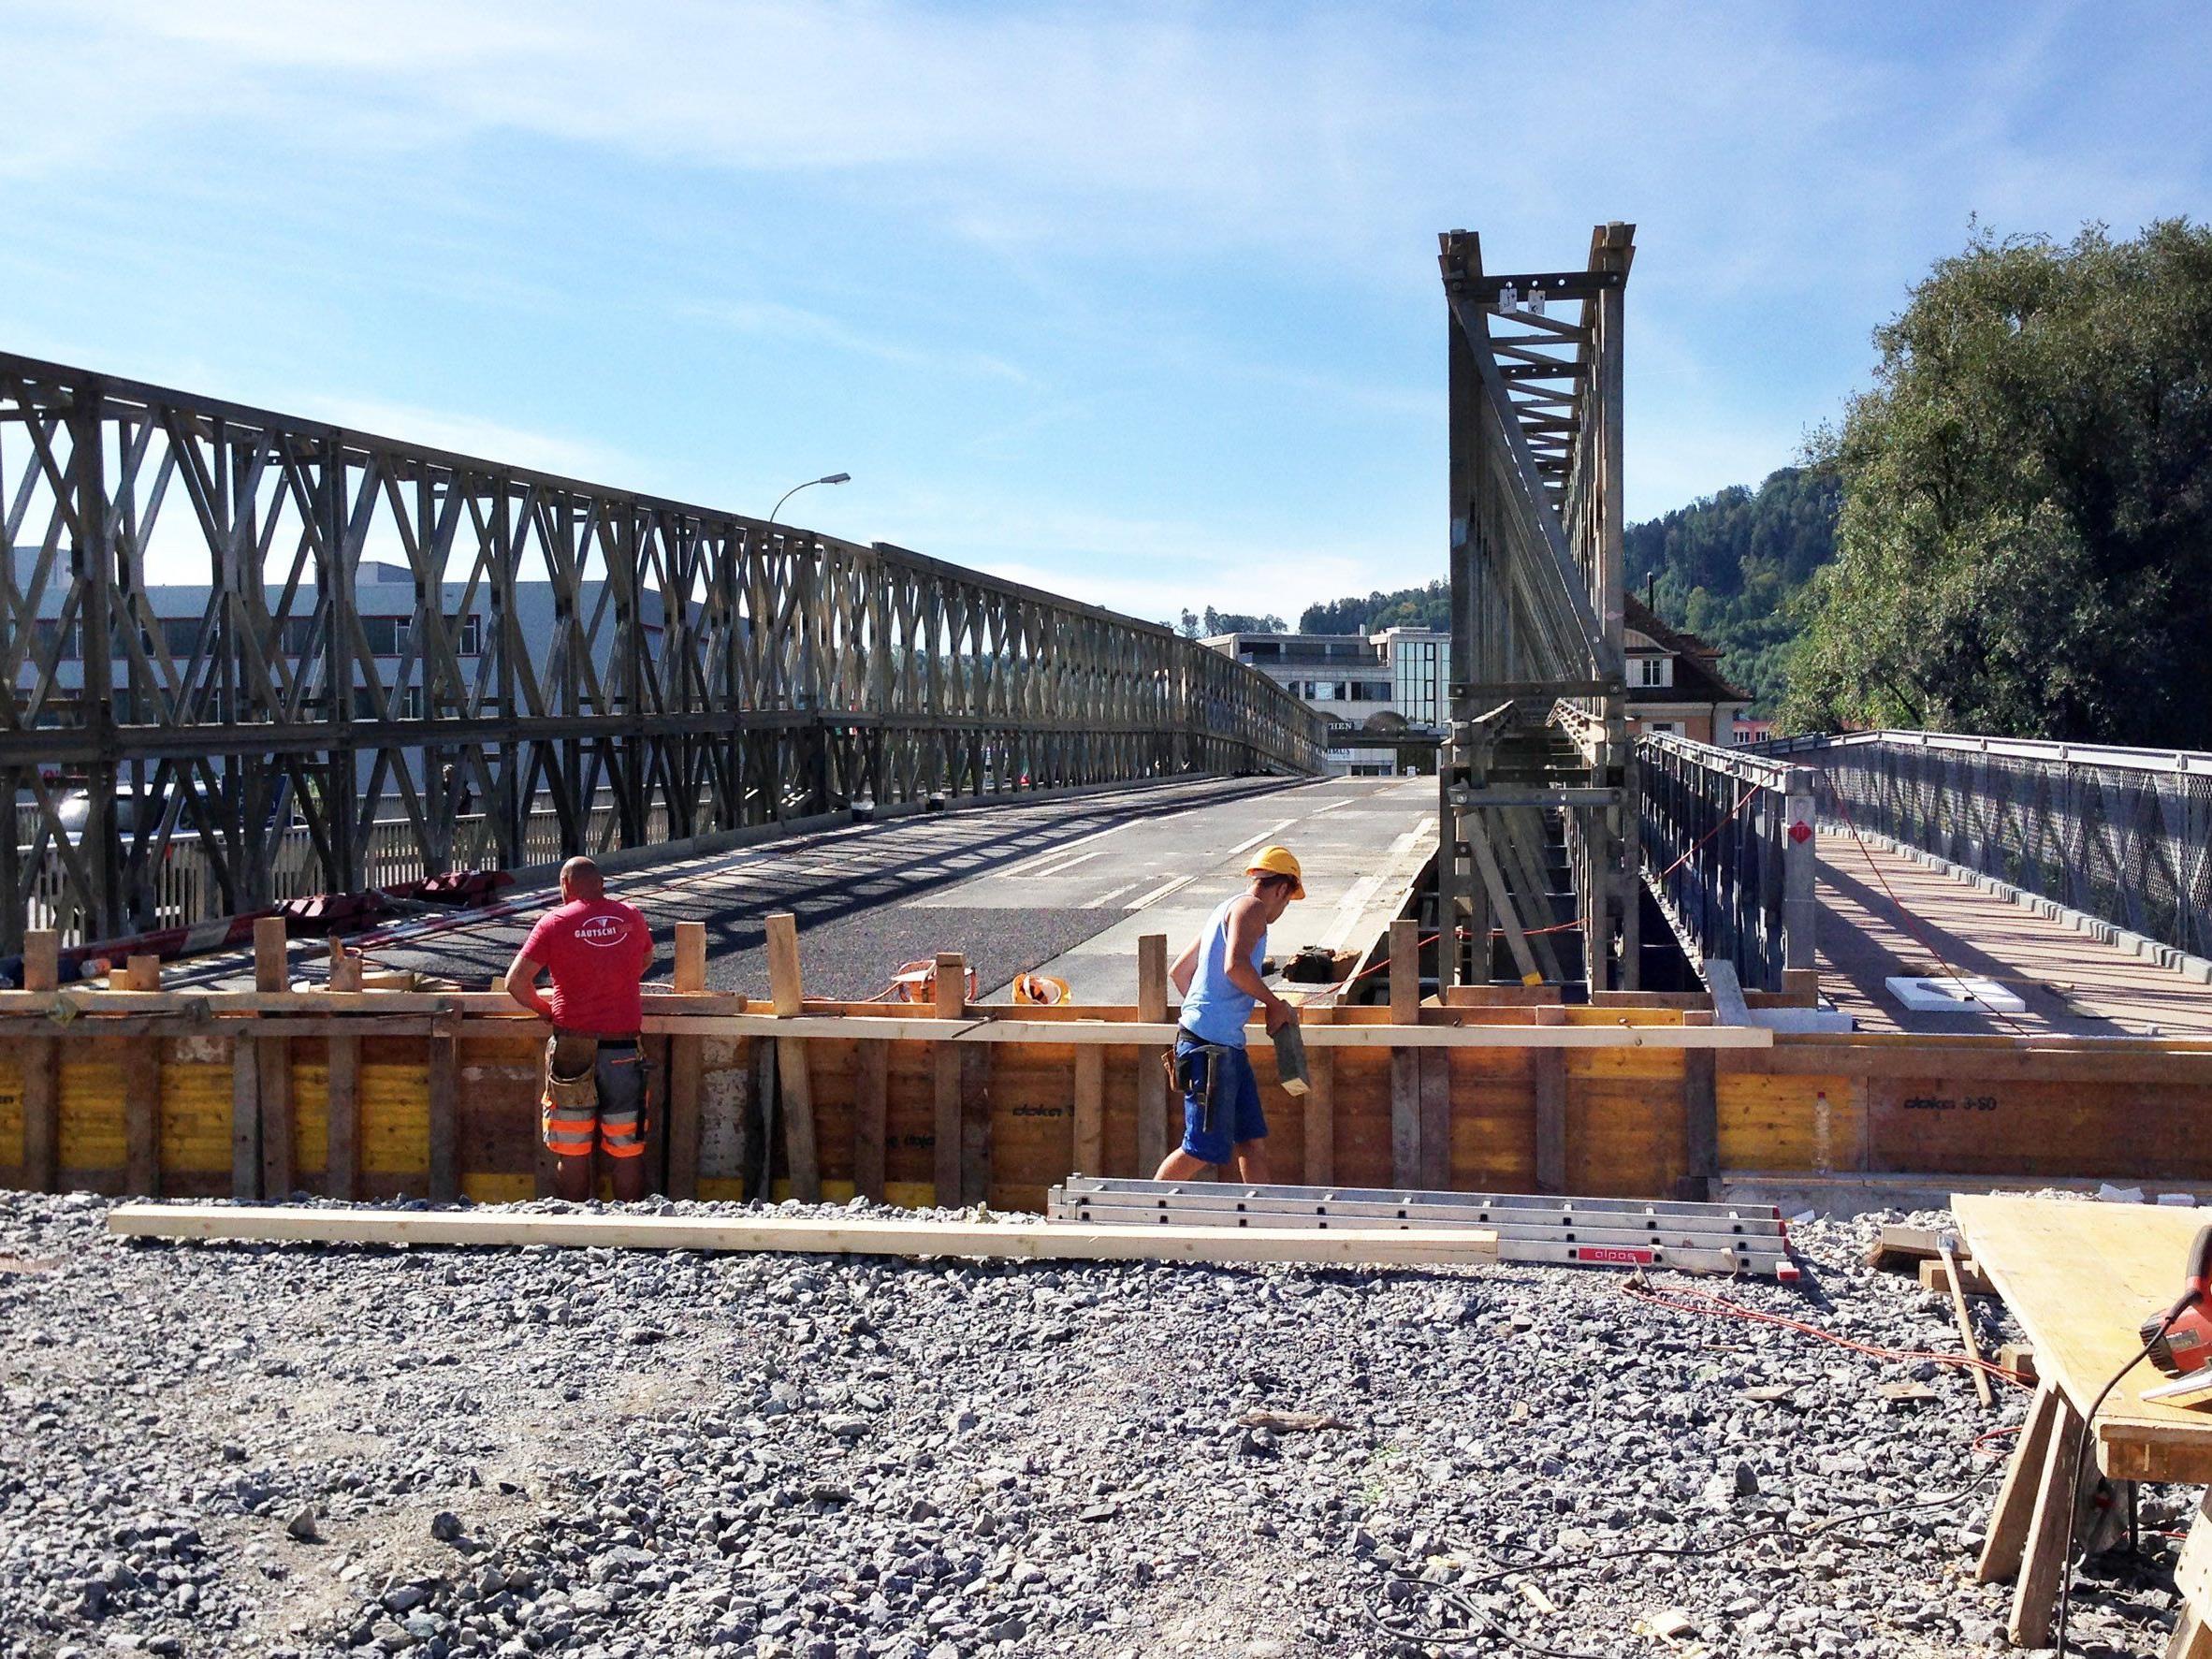 Die Ersastzbrücke über den Alten Rhein ist spätestens Ende September befahrbar. Rechts der Fußgängersteg.